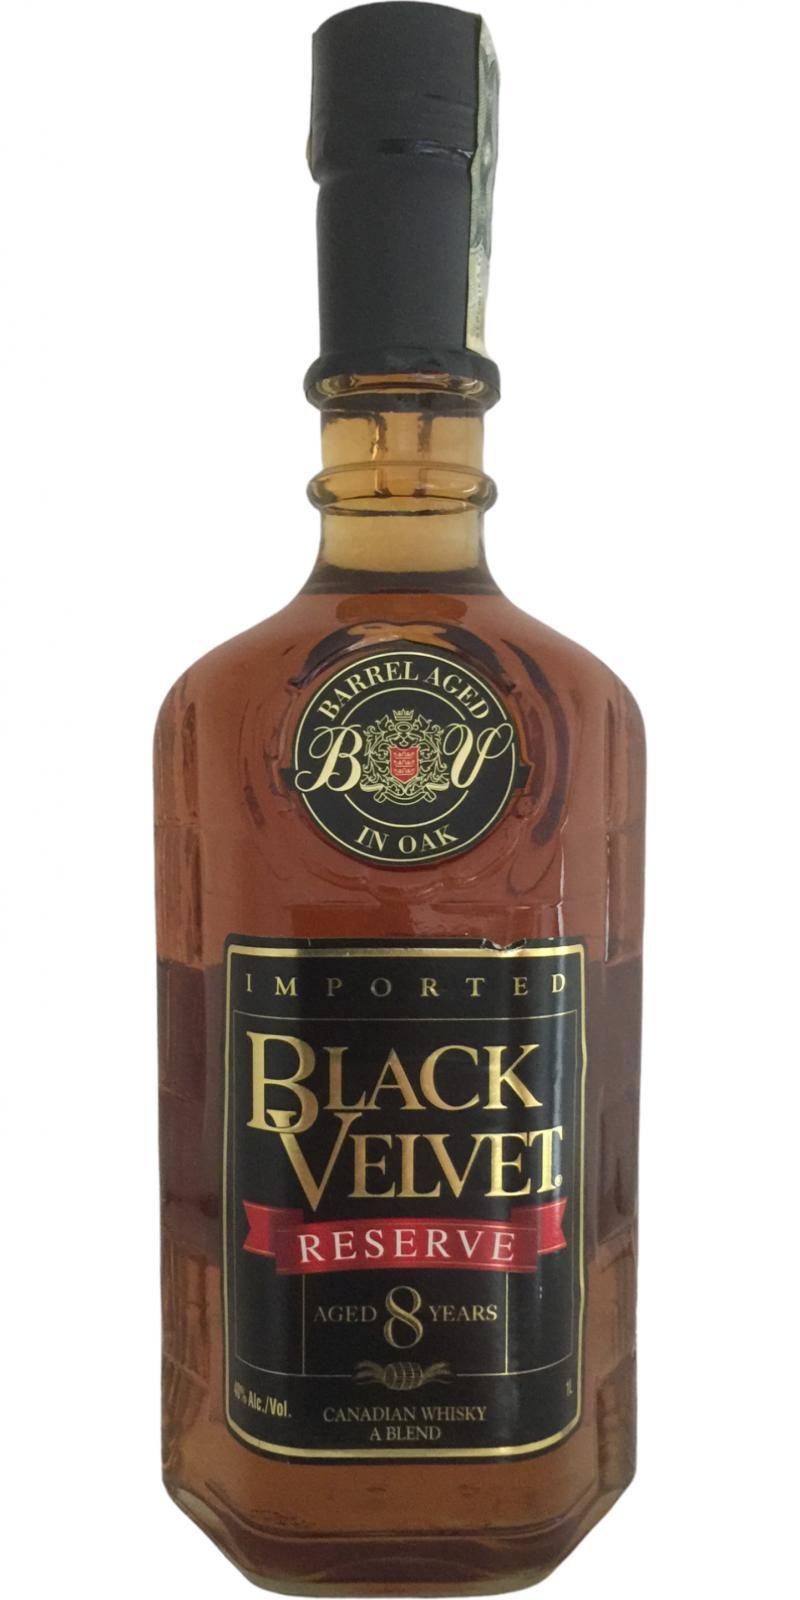 Black Velvet 08-year-old